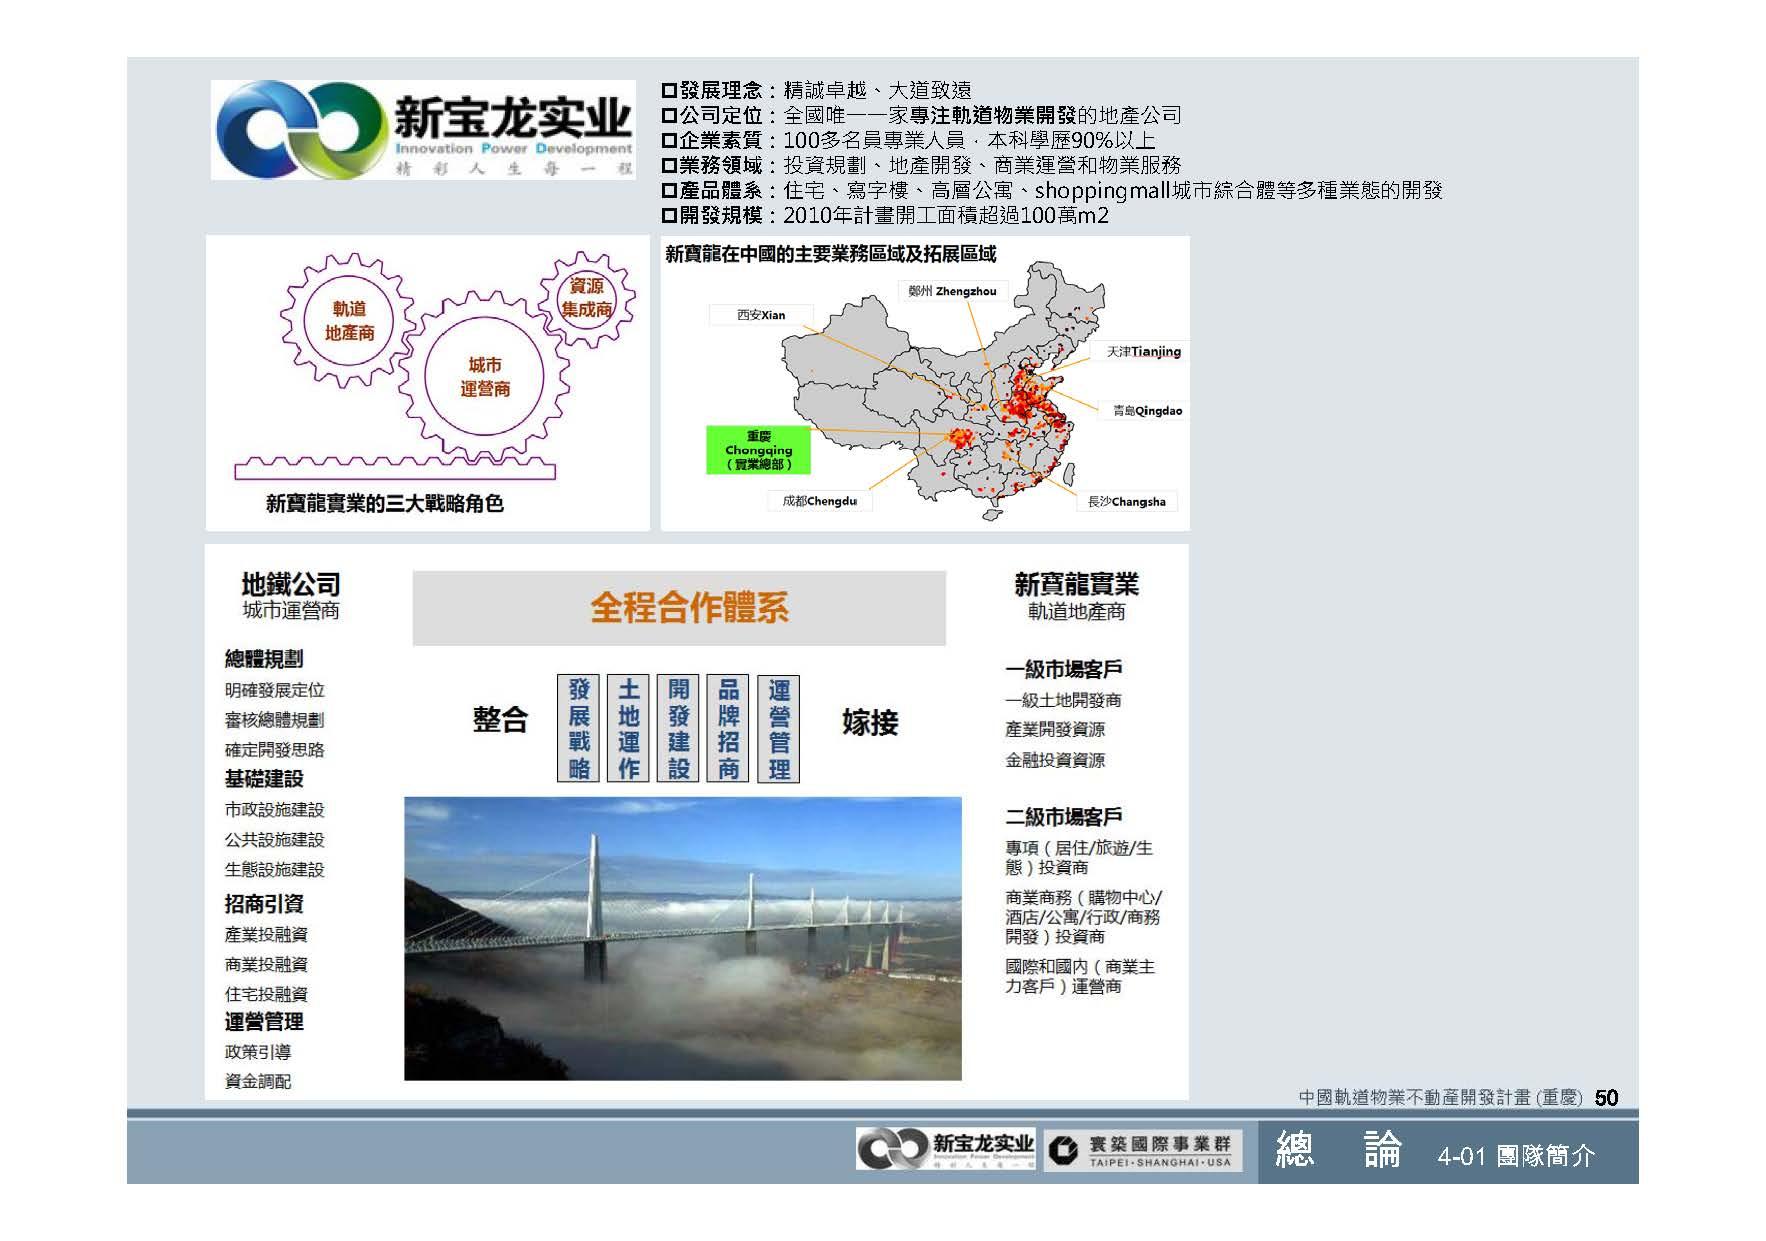 20100812-中國軌道物業不動產開發計畫(重慶)_頁面_51